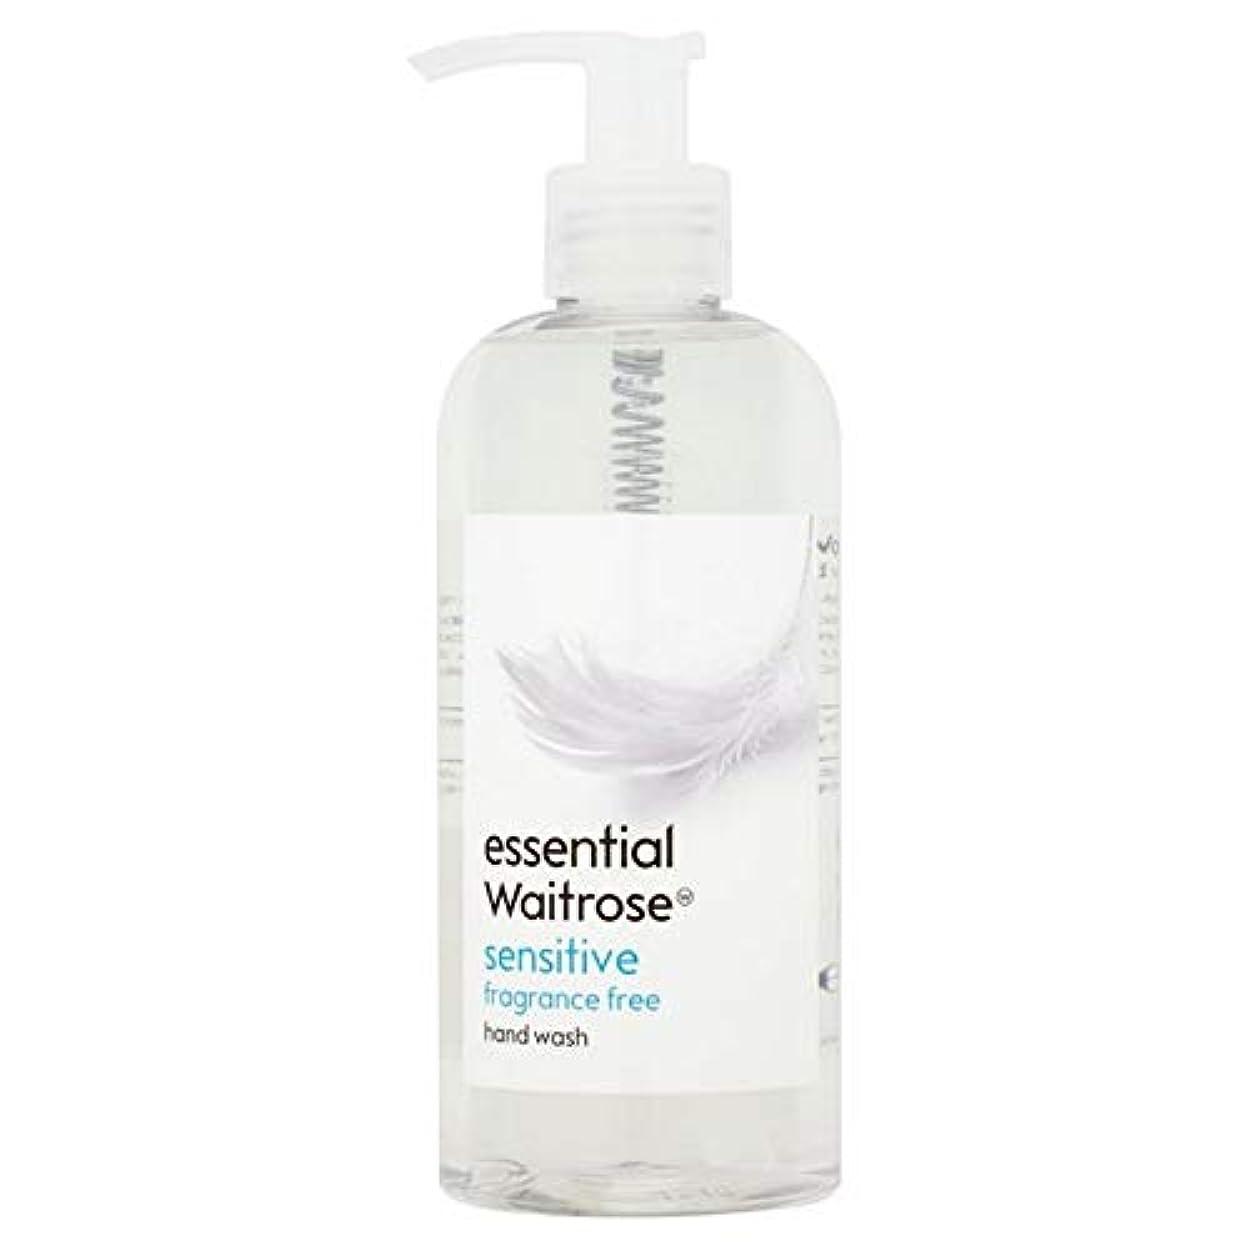 ラショナル証言不愉快[Waitrose ] 基本的なウェイトローズのハンドウォッシュ敏感な300ミリリットル - Essential Waitrose Hand Wash Sensitive 300ml [並行輸入品]